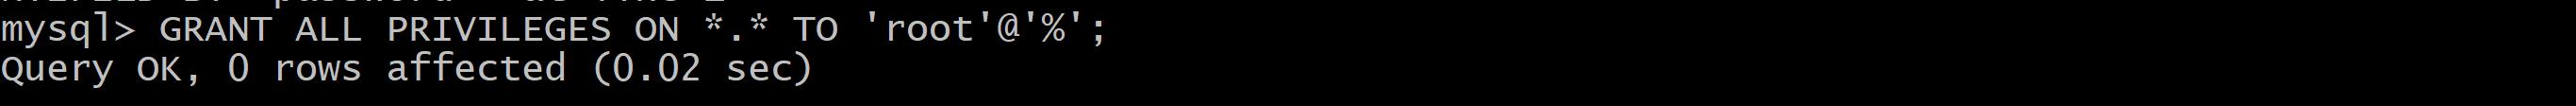 Kontener z Postgresem zdj.14